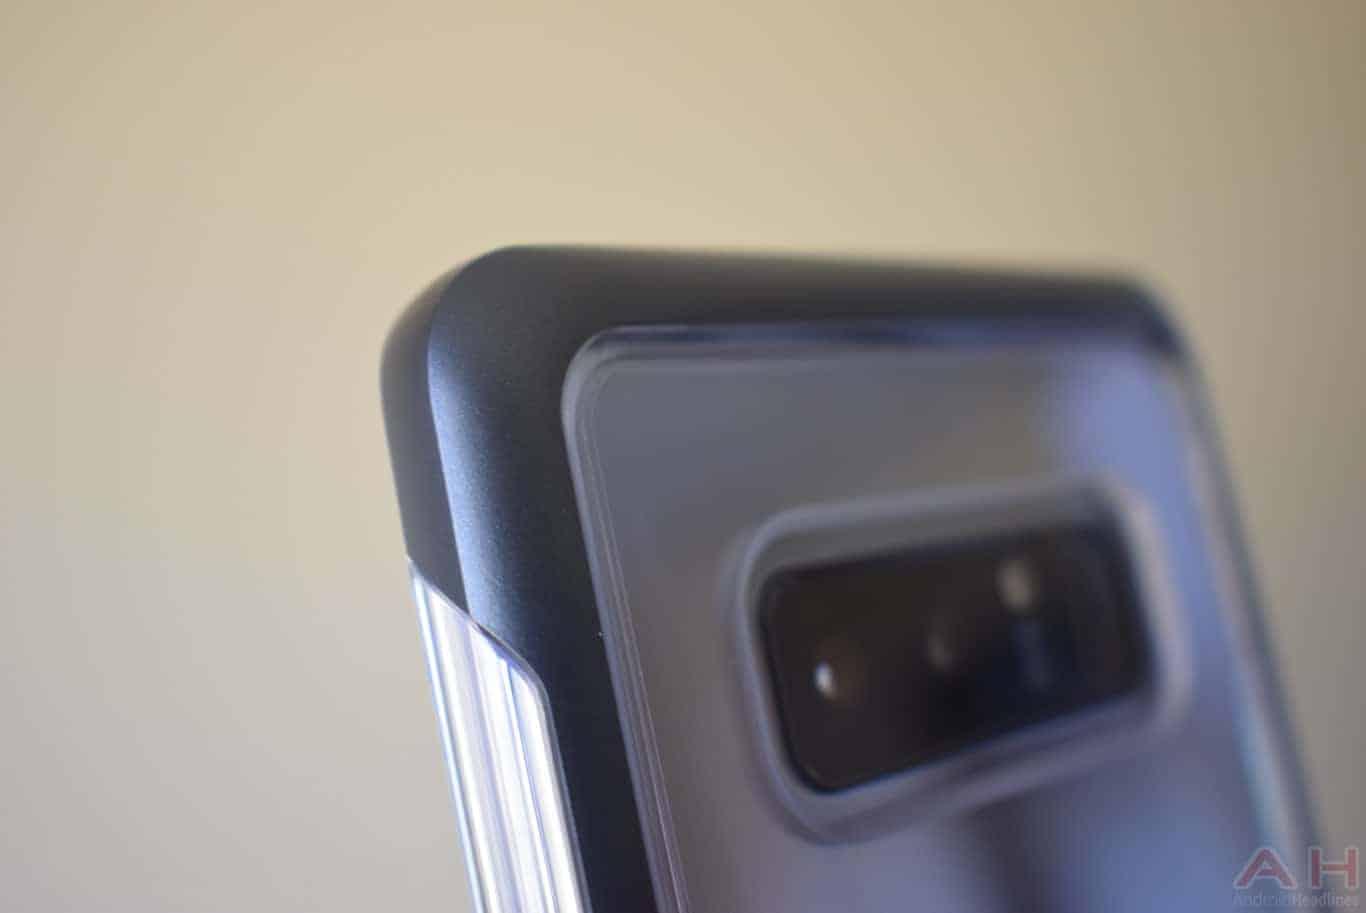 Caseology Skyfall Galaxy Note 8 AM AH 0103